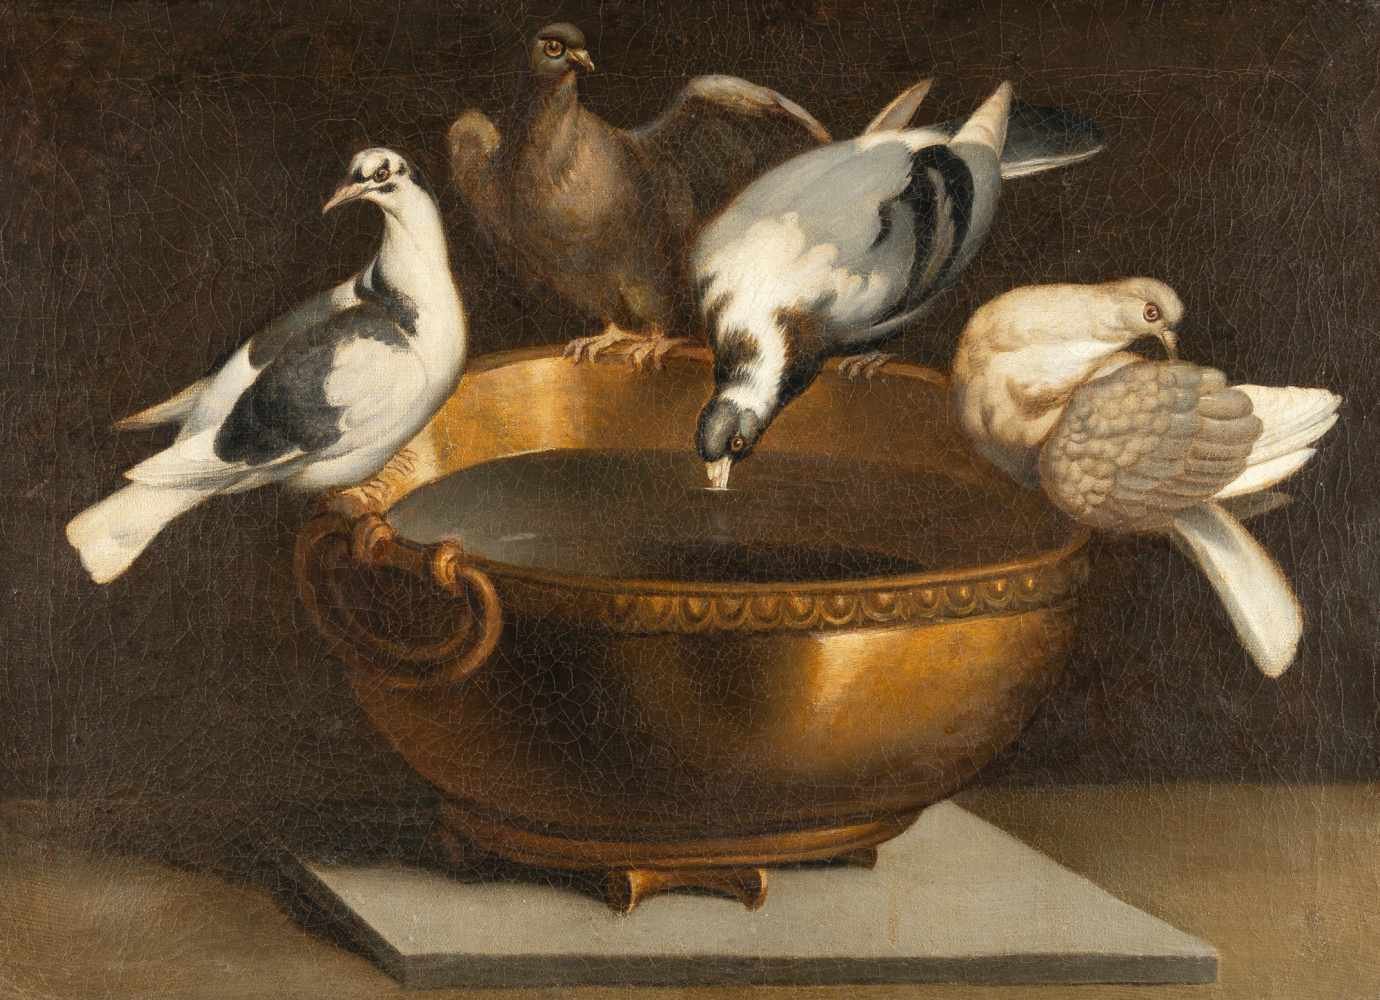 ItalienischVier Tauben auf einem Kupferkessel (Tauben des Plinius)Öl auf Leinwand, doubliert. (2.